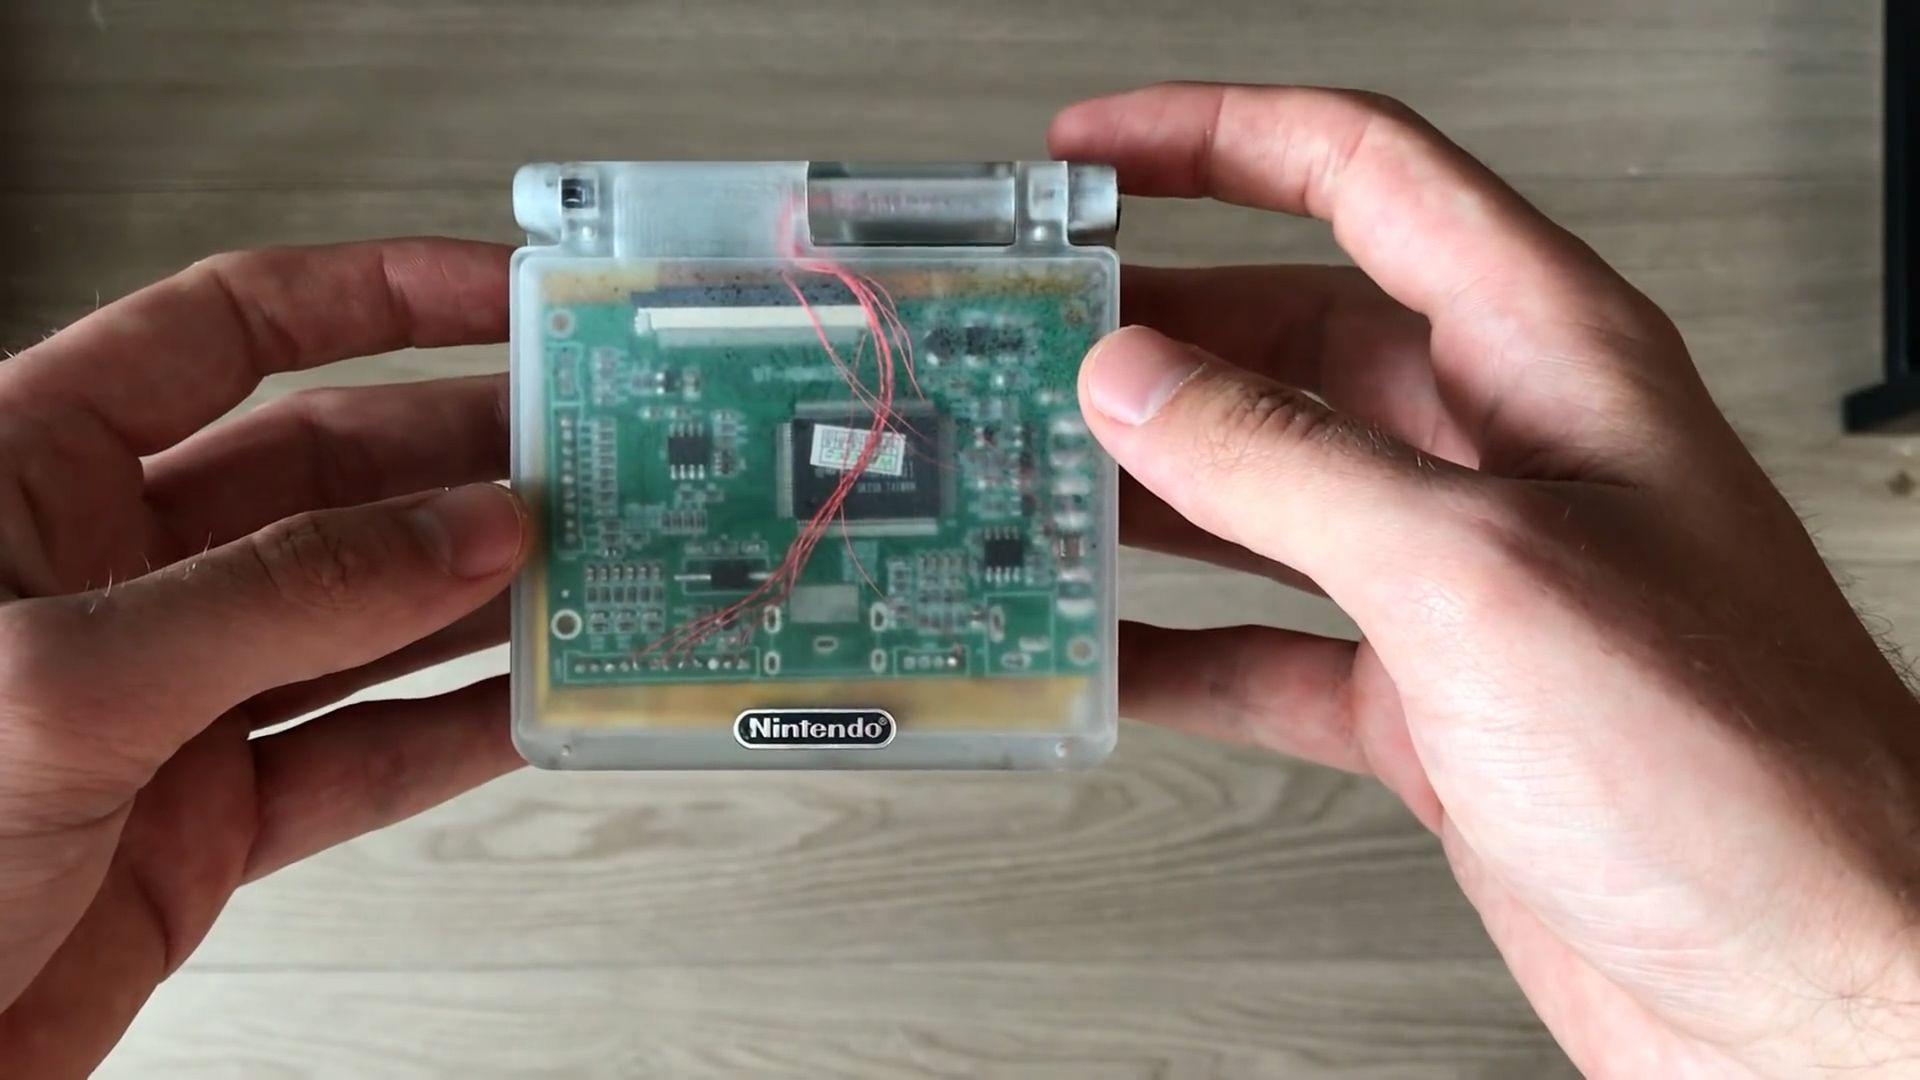 Así es la consola Wii que cabe en una mano